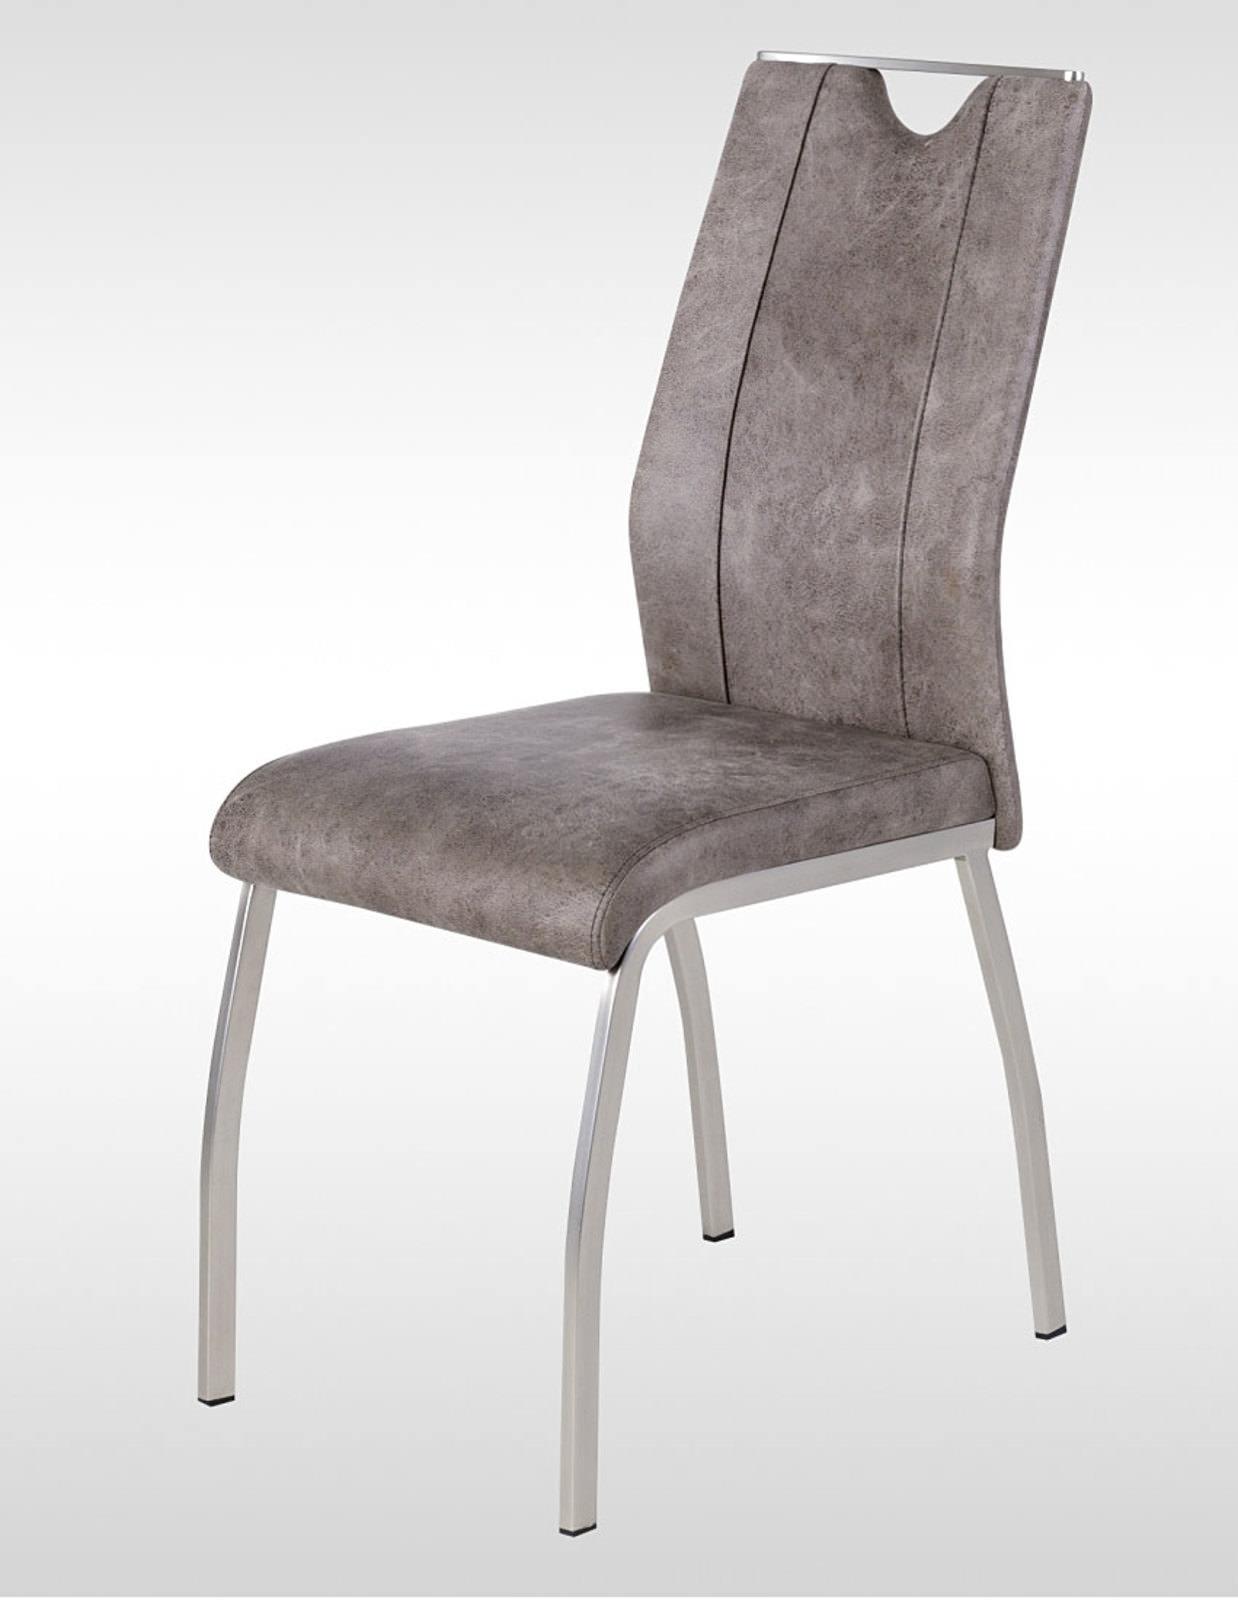 Stuhl 4 Fuß Grau Online Entdecken Schaffrath Ihr Möbelhaus